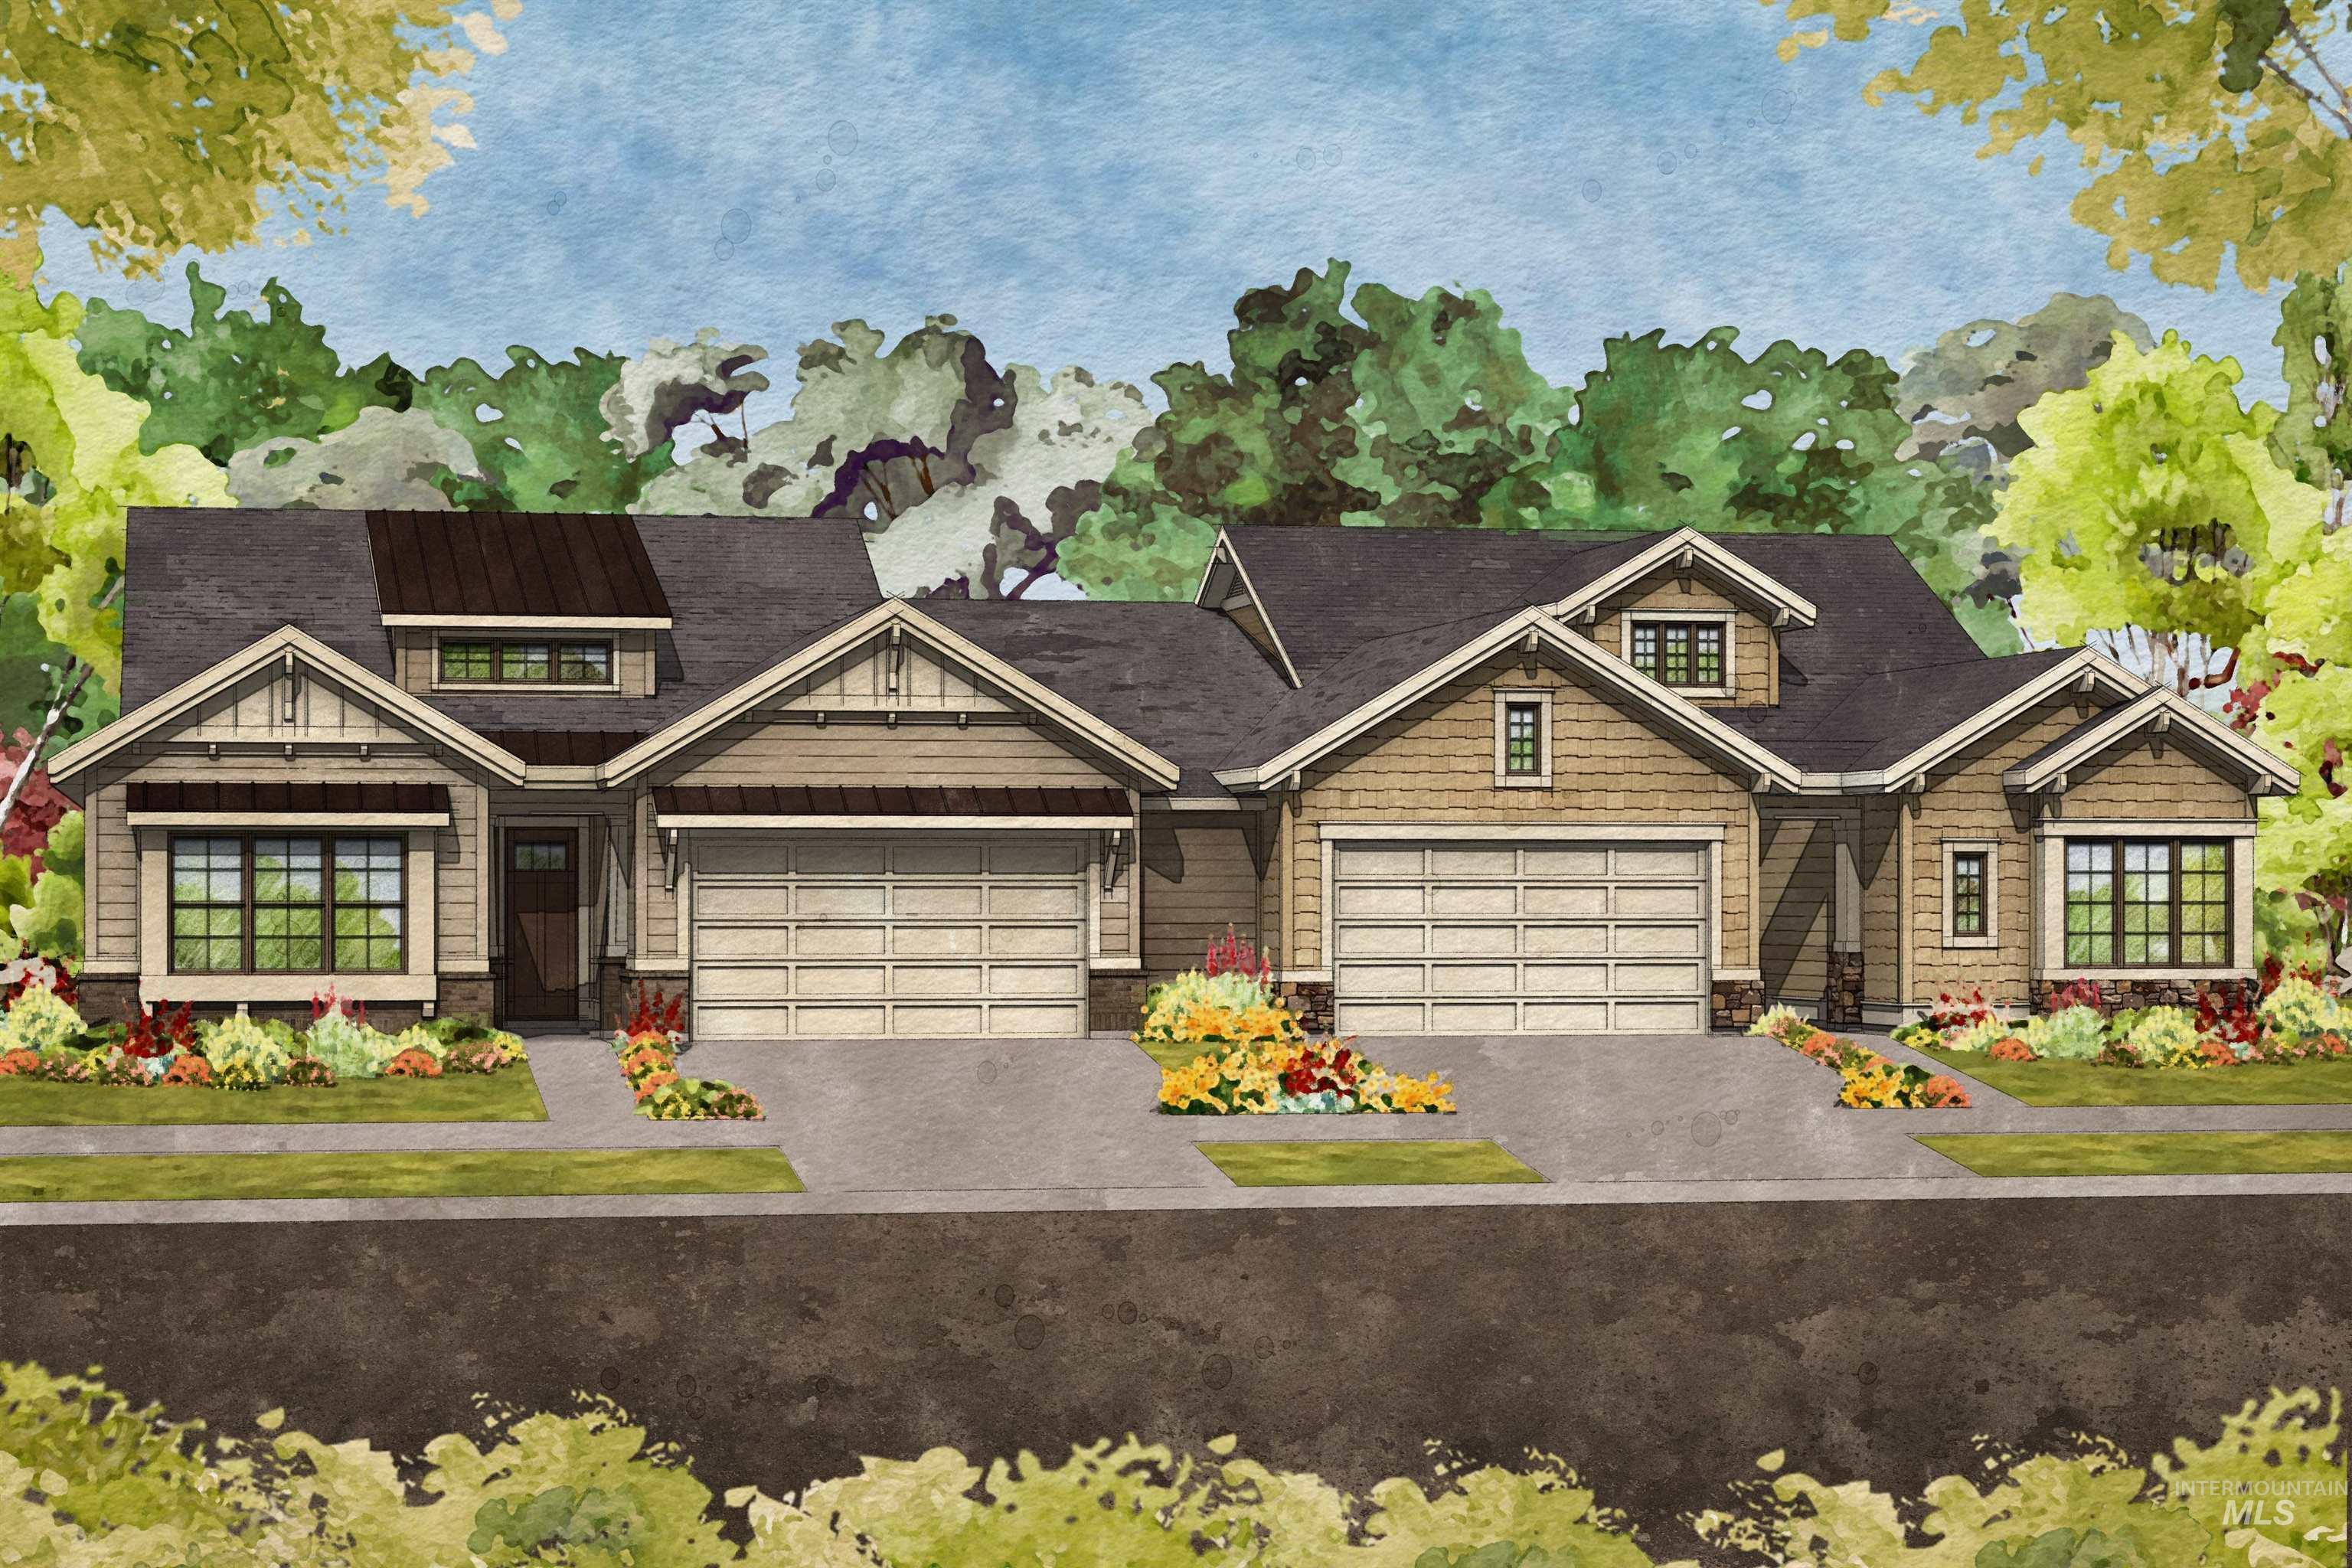 3886 W. Silver River Ln Property Photo